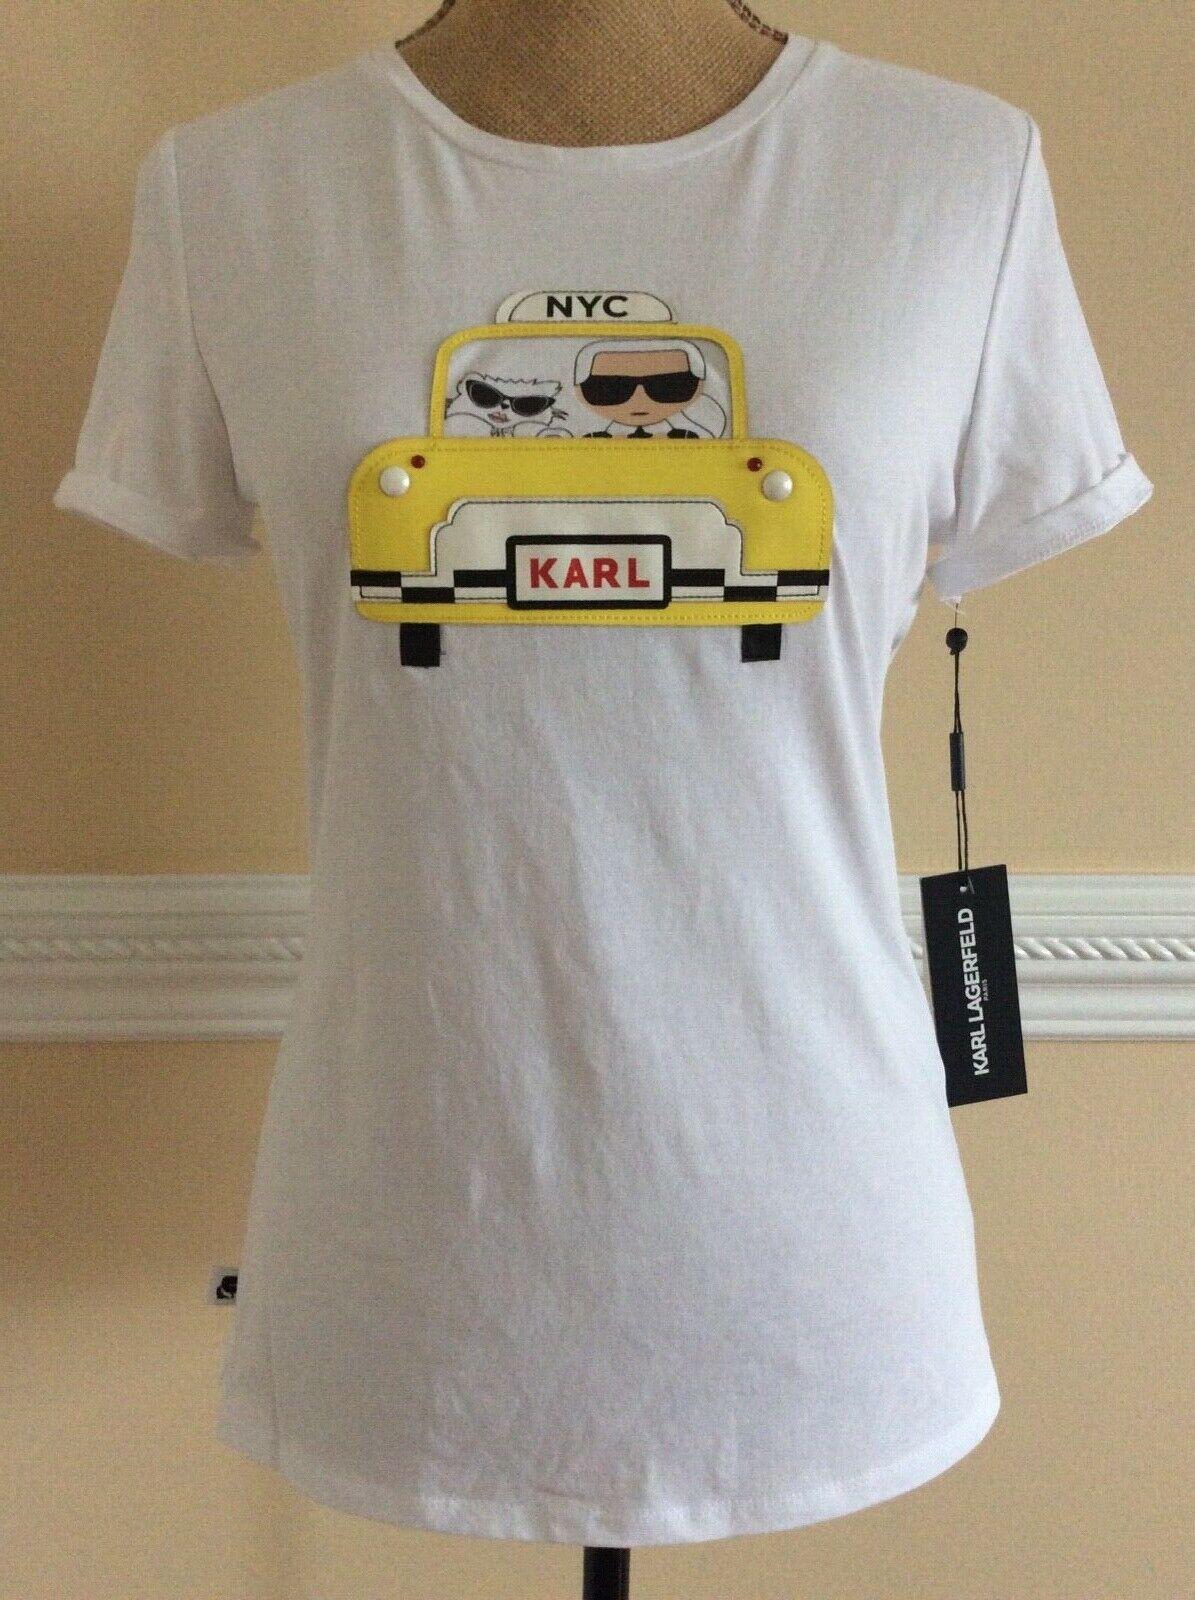 Karl Lagerfeld NYC Paris Cotton T-Shirt Sz M NWT